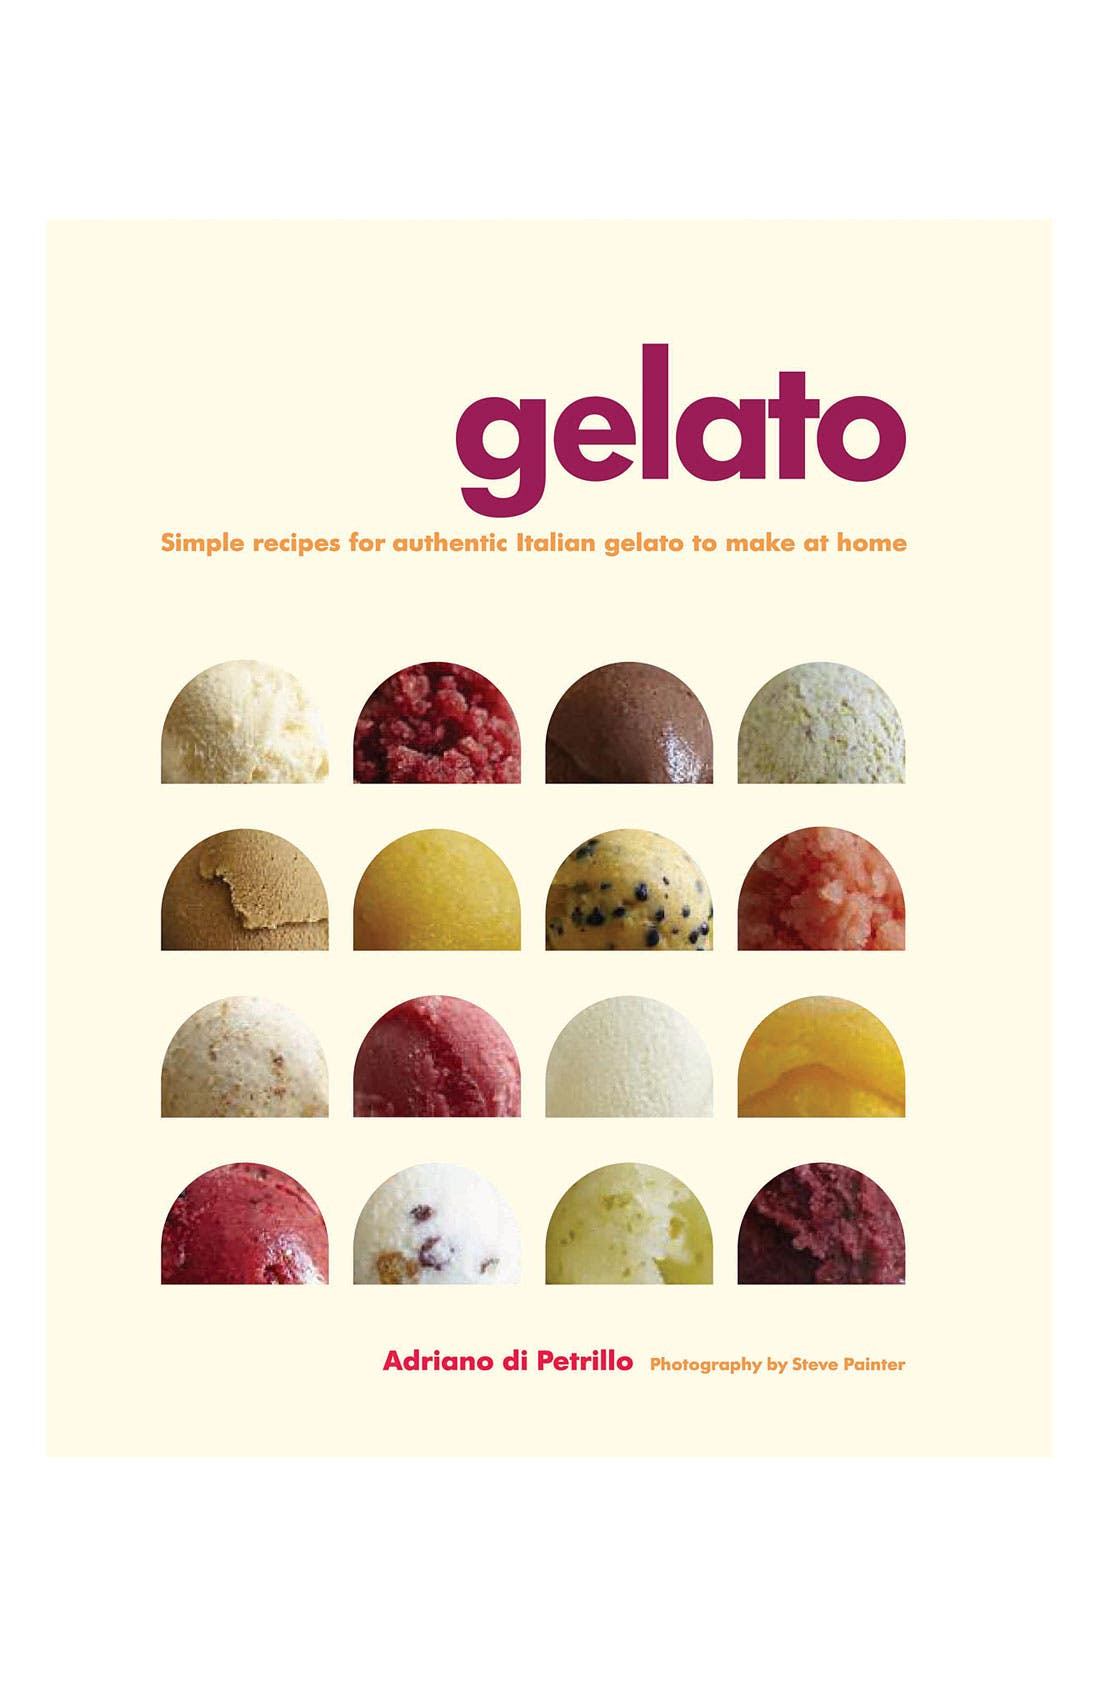 Alternate Image 1 Selected - Adriano di Petrillo 'Gelato' Cookbook